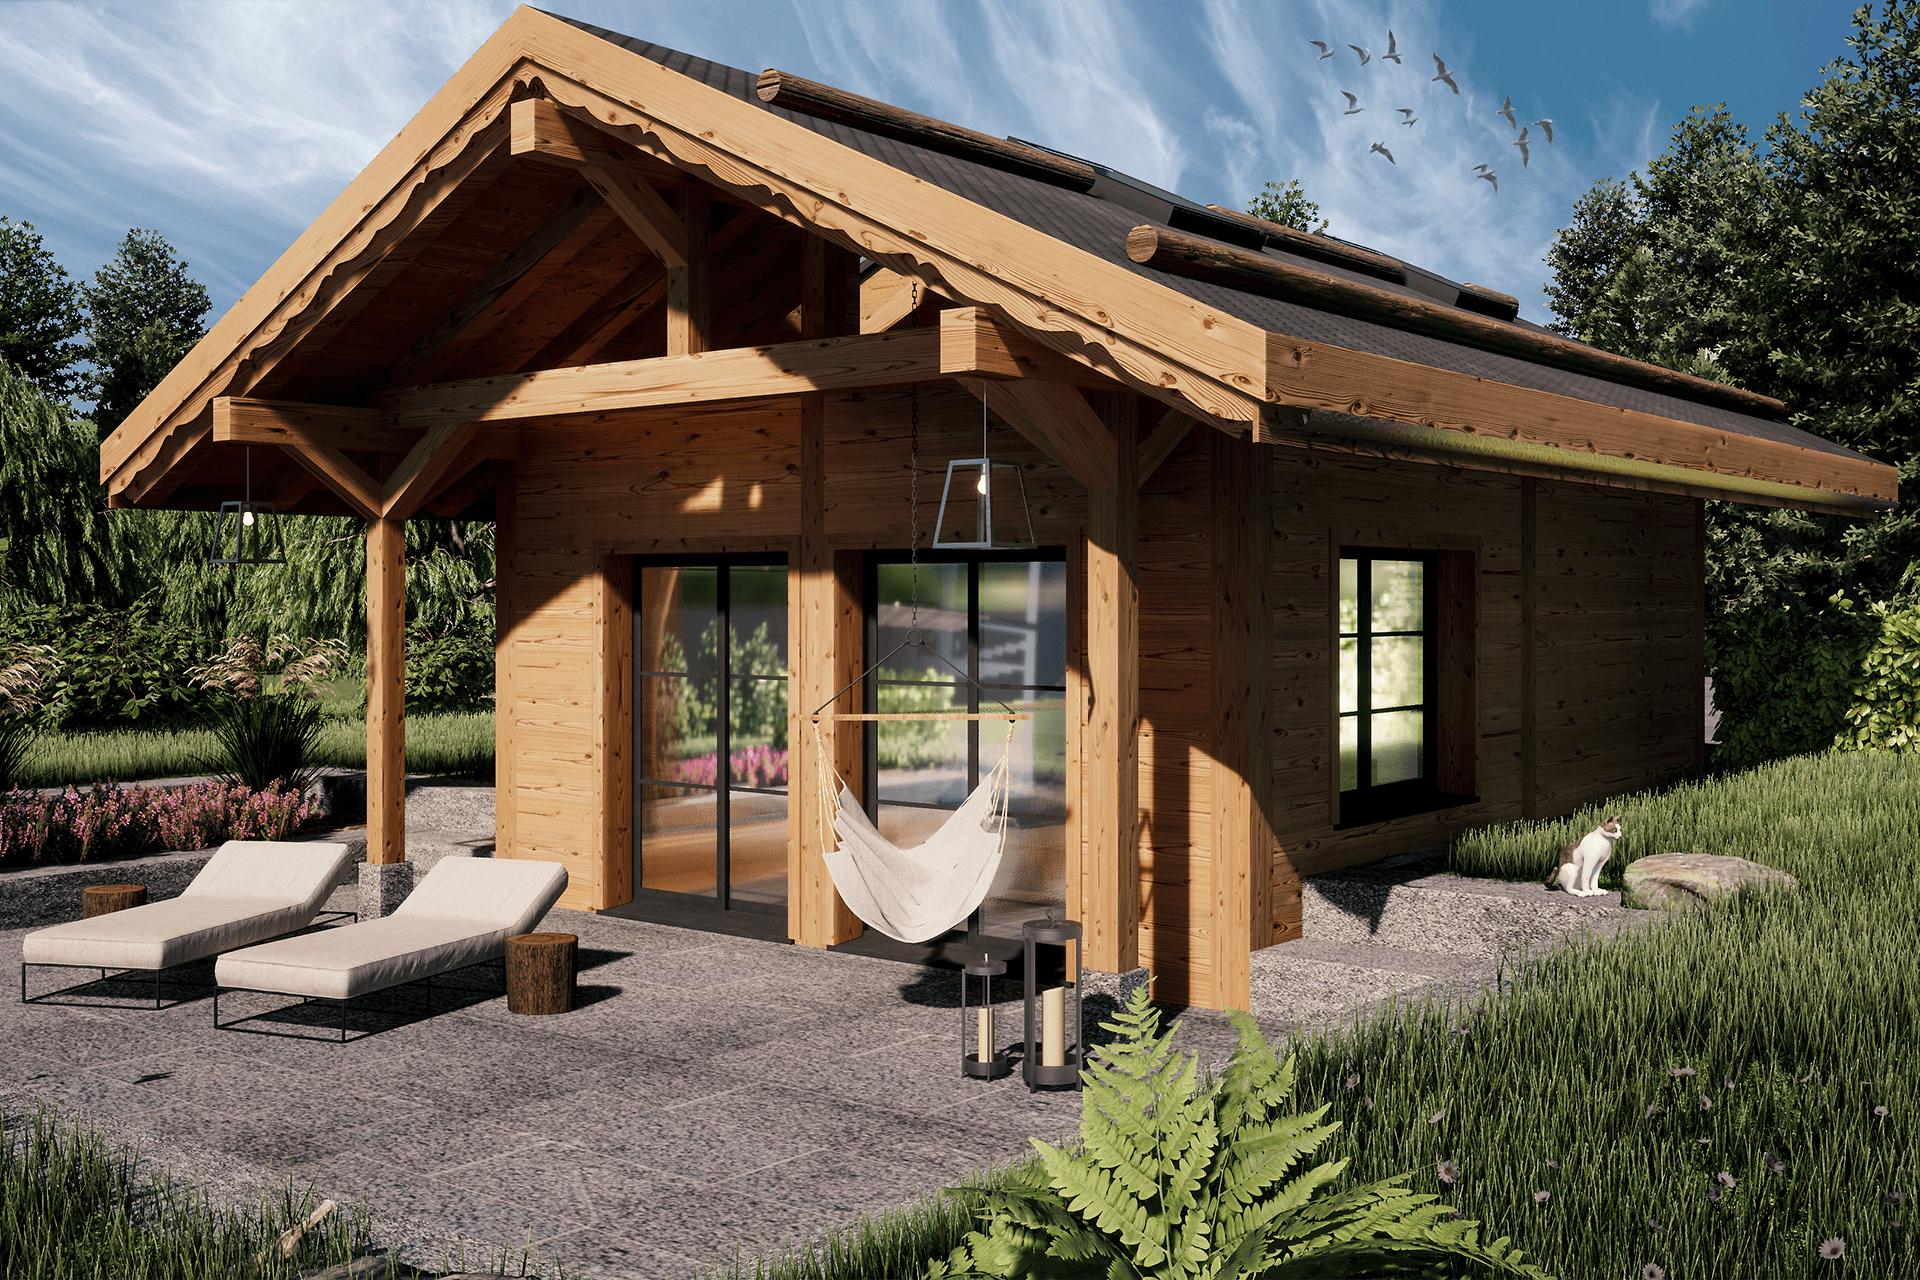 https://fsw-kreatektur.ch/wp-content/uploads/Fsw-Kreatektur-Architektur-Visualisierungen-Privat-St-Stephan-Gaestehaus.png